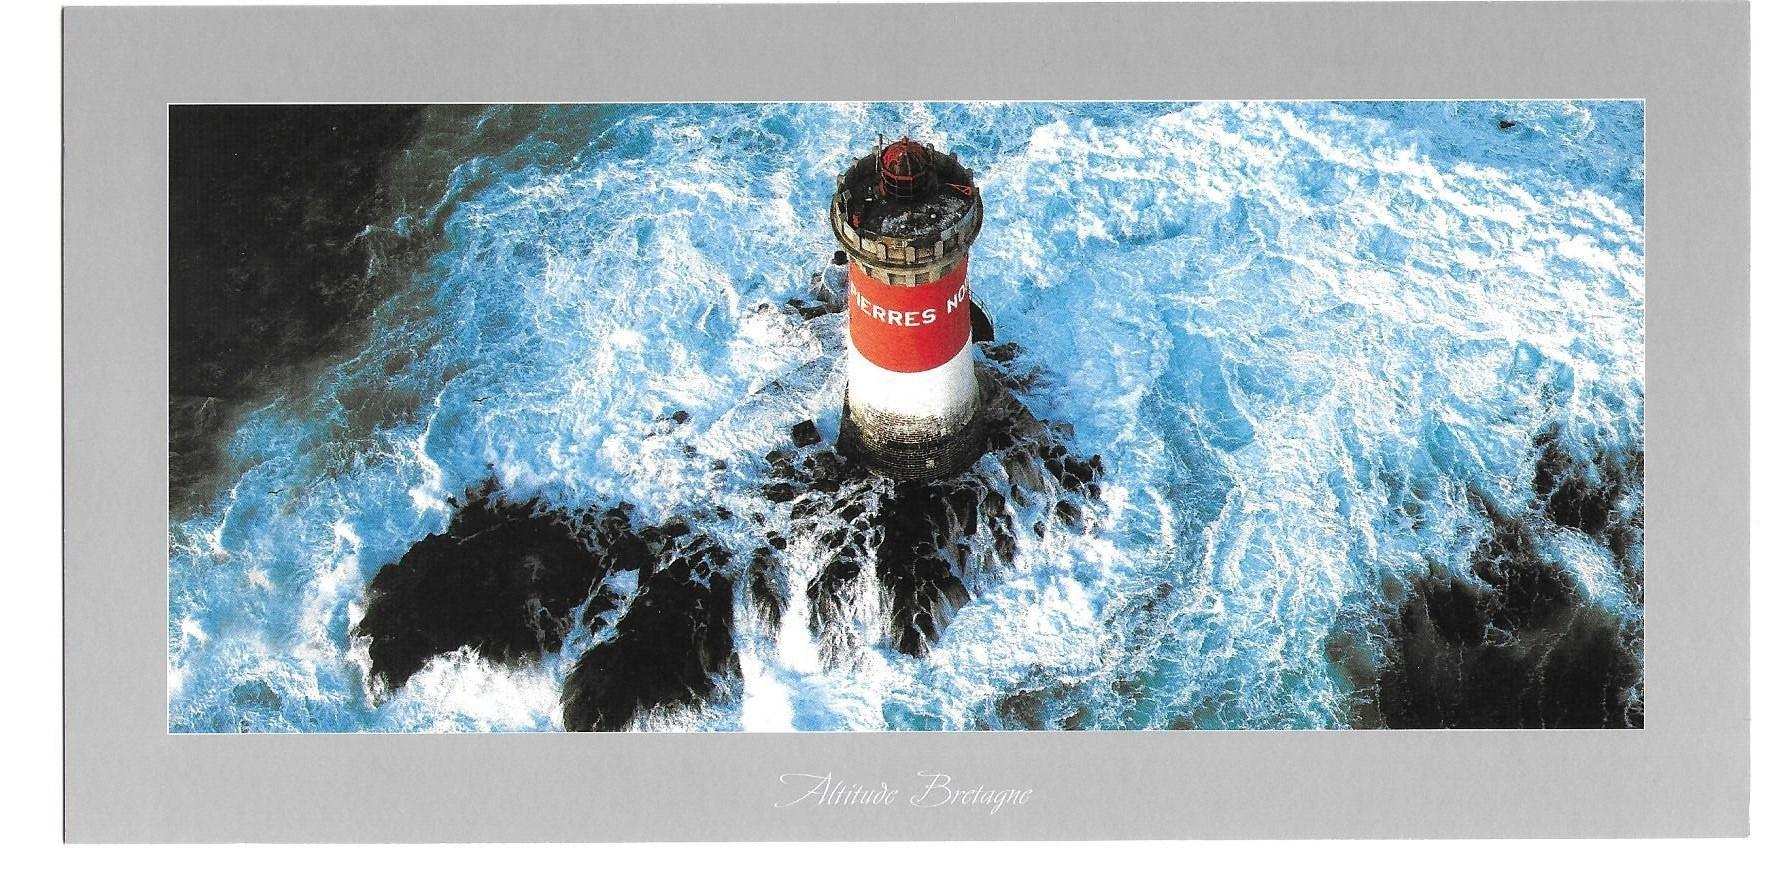 troc de troc carte postale neuve image 0